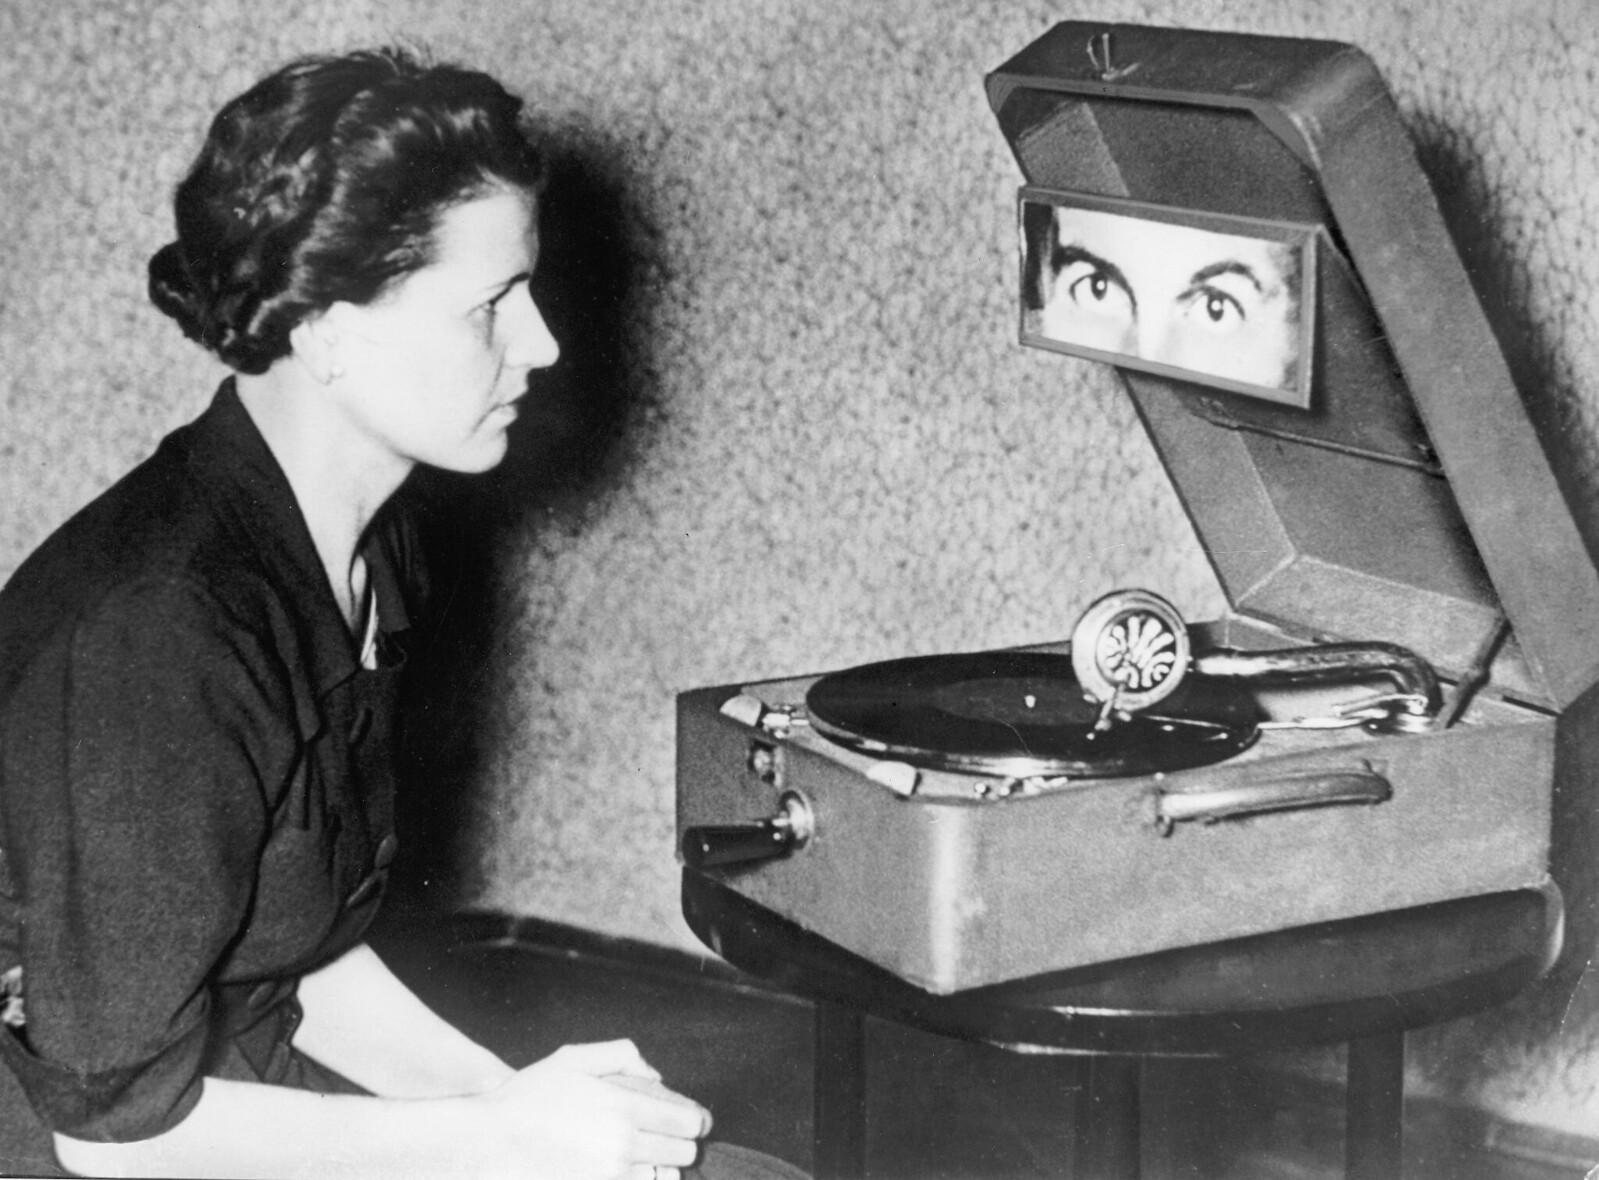 16. Телепатический гипноз с помощью граммофона; женщина-объект должна сосредоточиться на фотографии своих глаз во время проигрывания пластинки